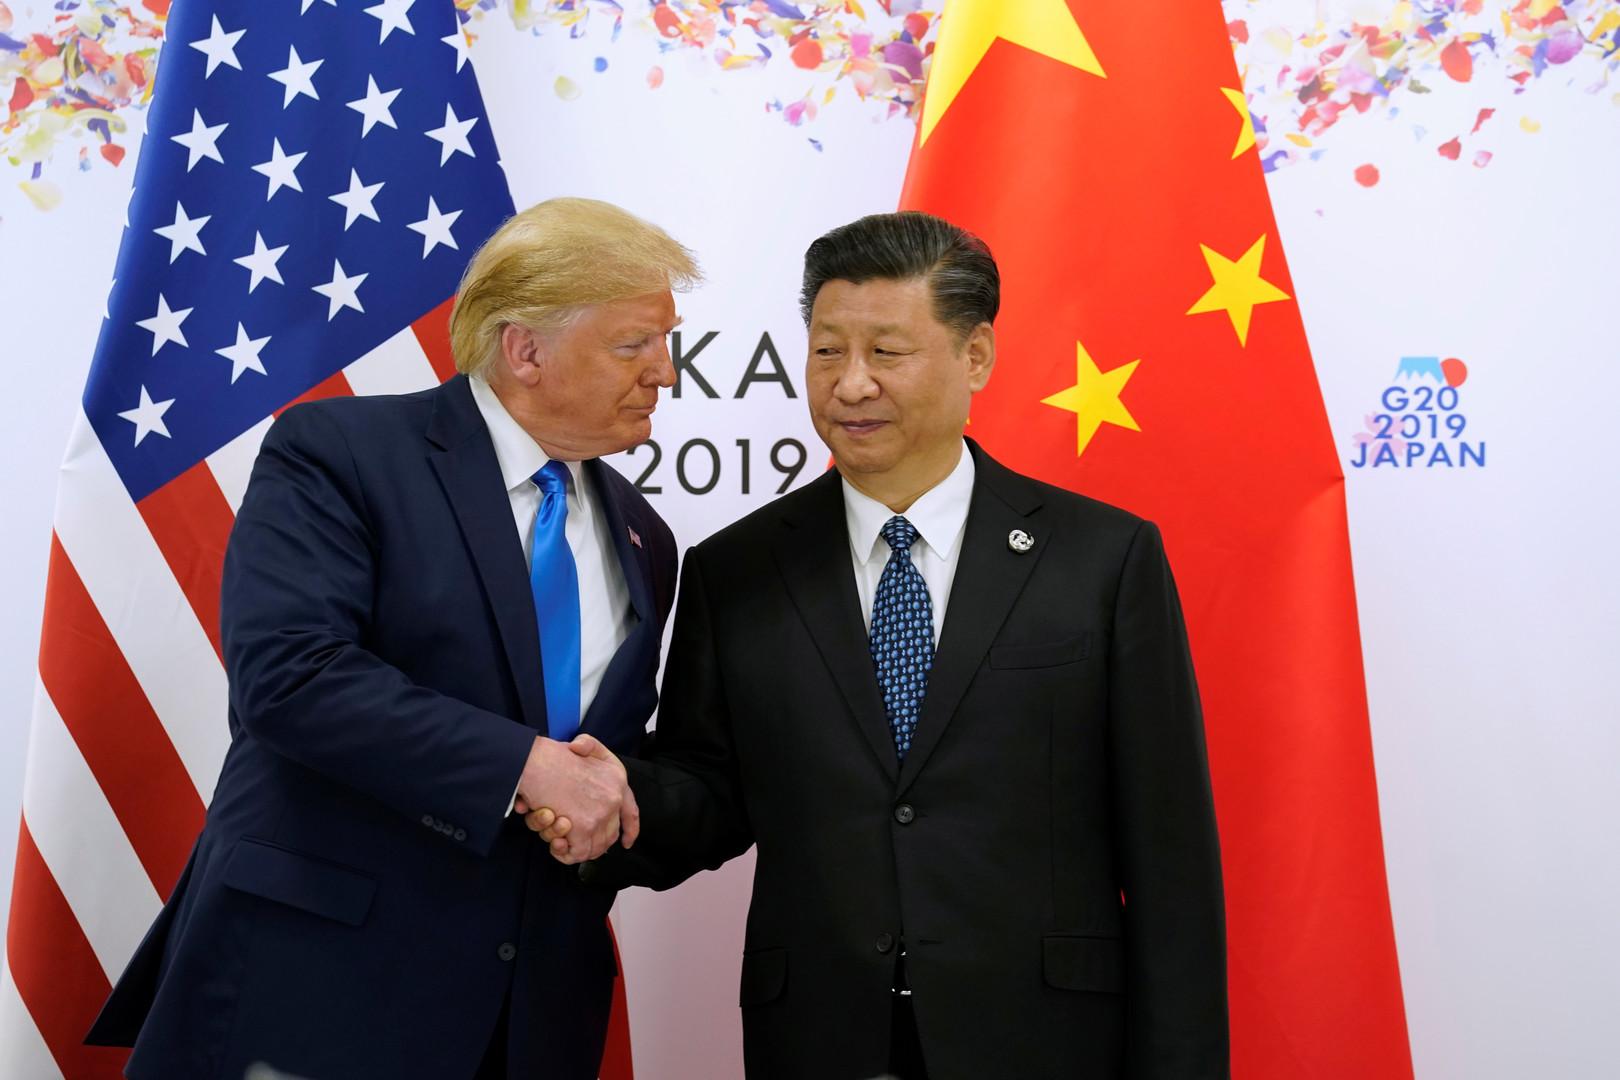 الصين تخسر نقاطا في نزالها مع واشنطن